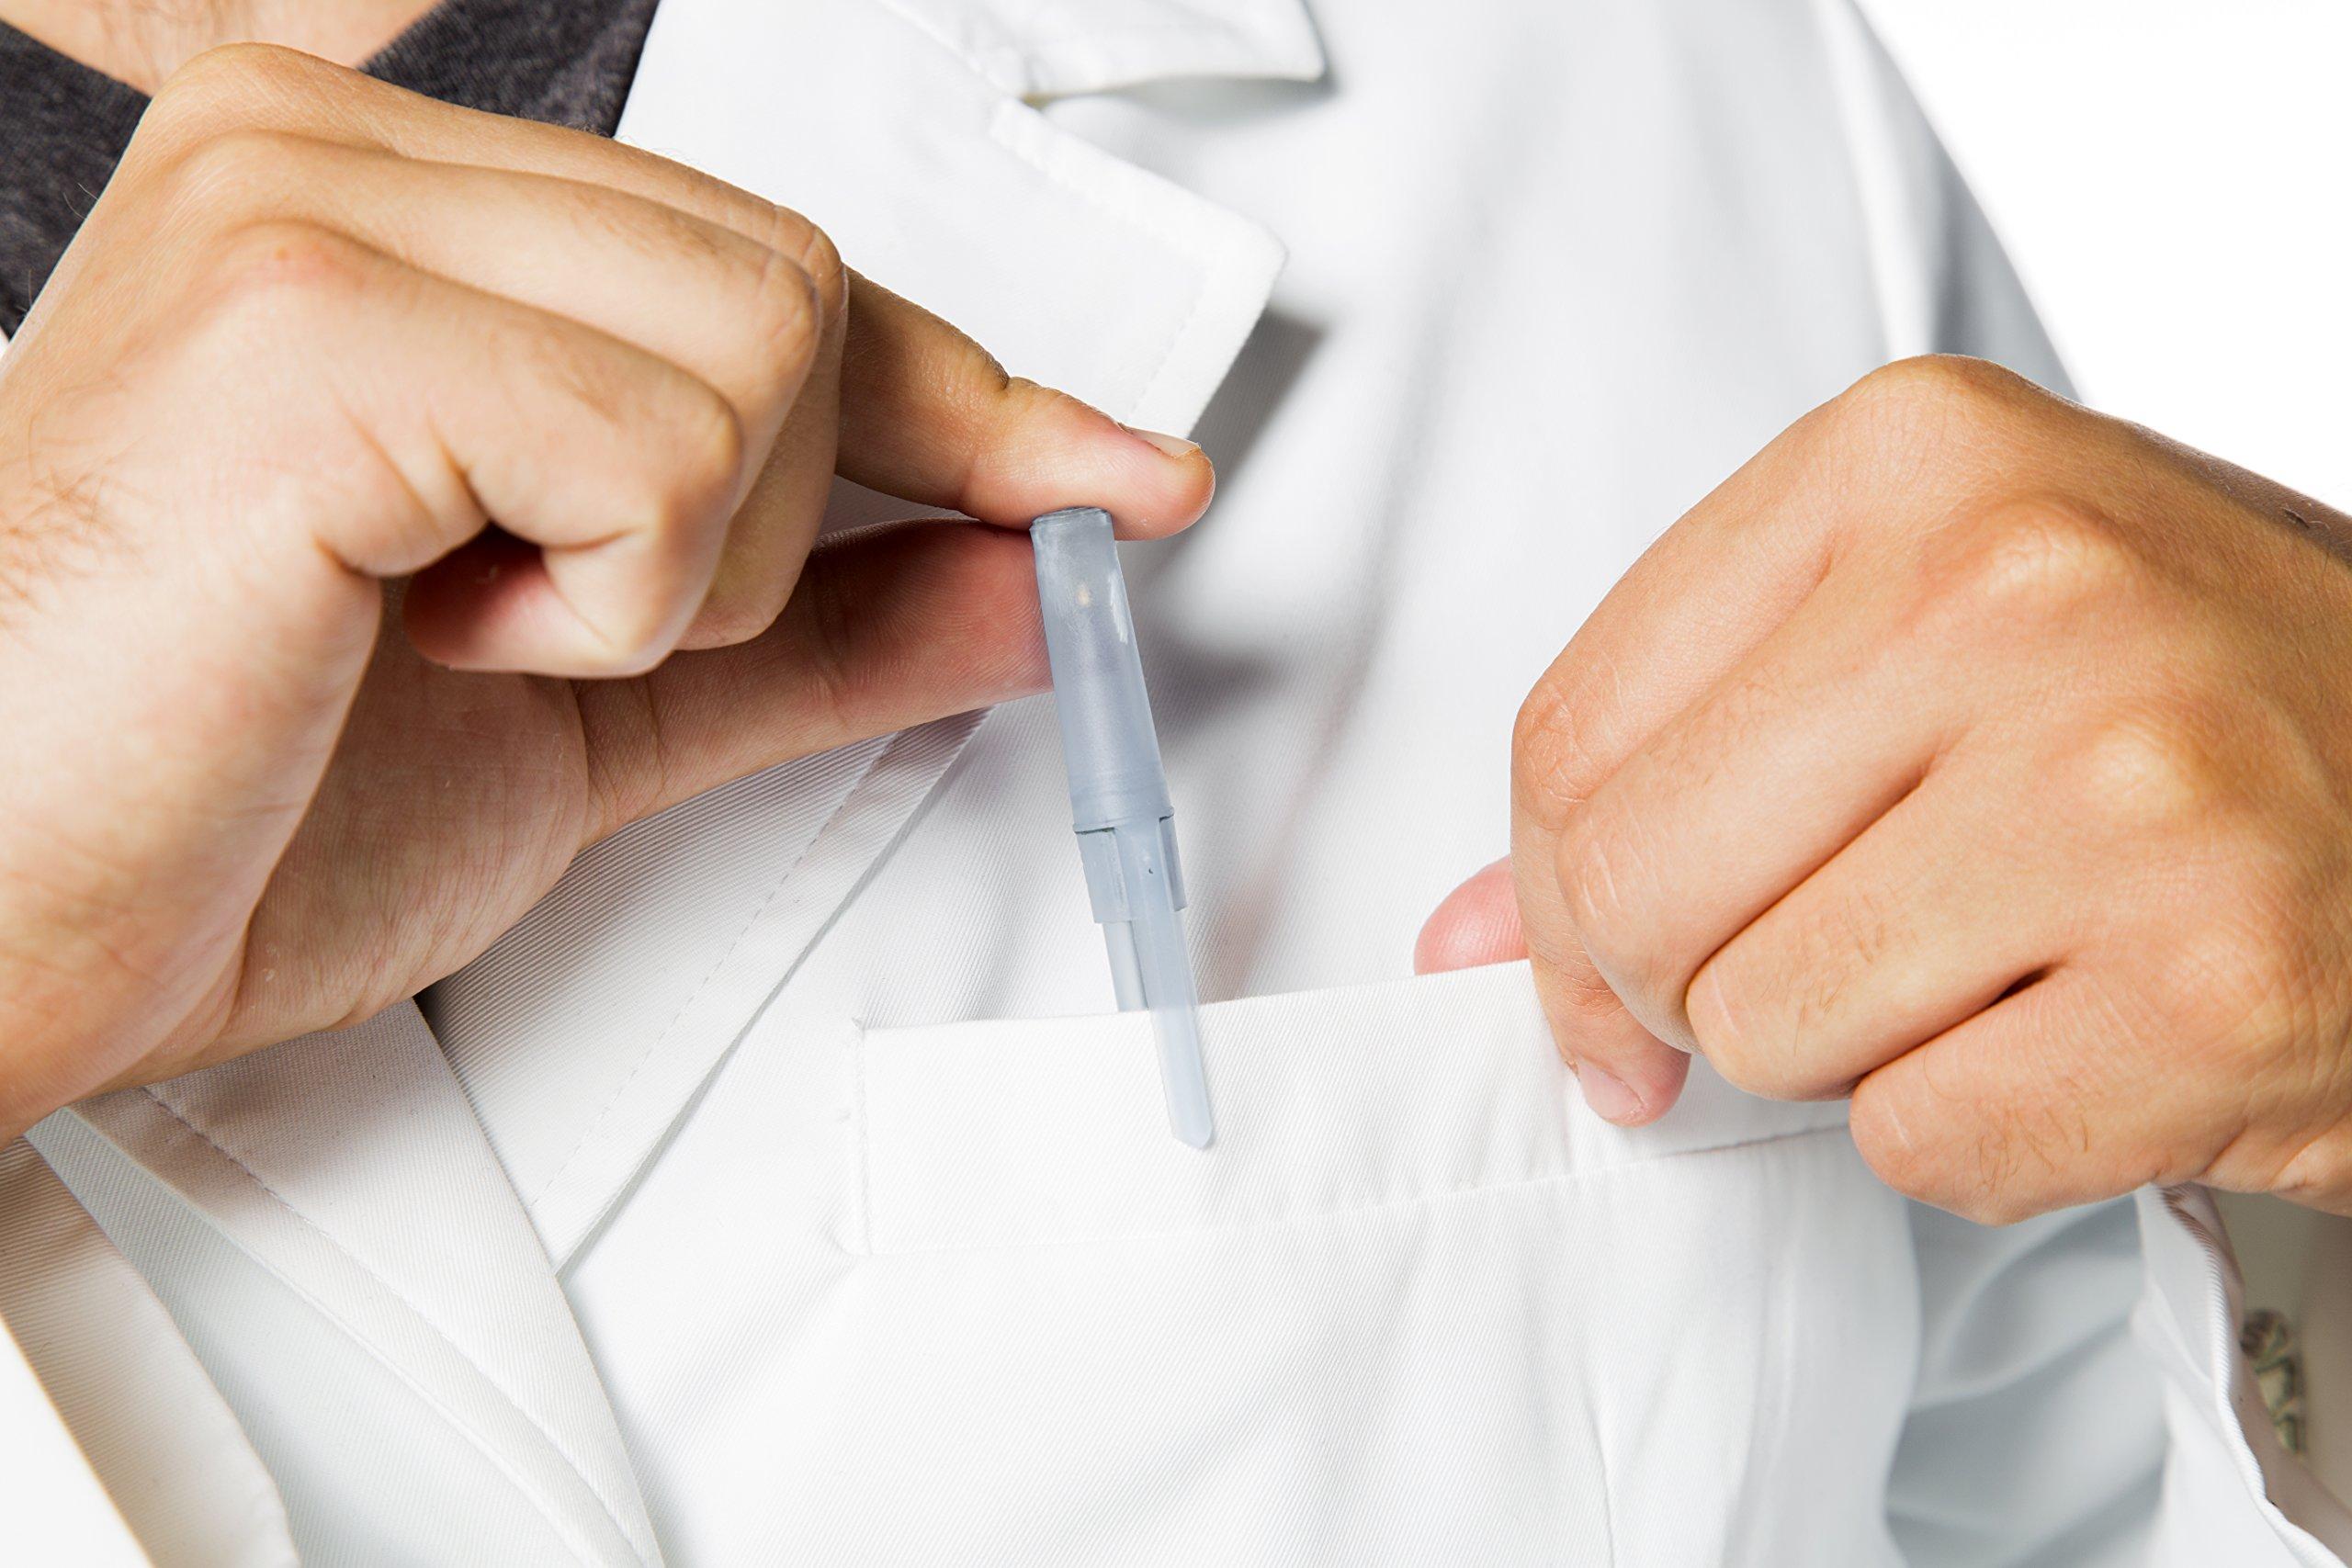 SCOTTeVEST Men's Lab Coat - 16 Pockets - Medical Uniform, Pickpocket Proof XL by SCOTTeVEST (Image #5)